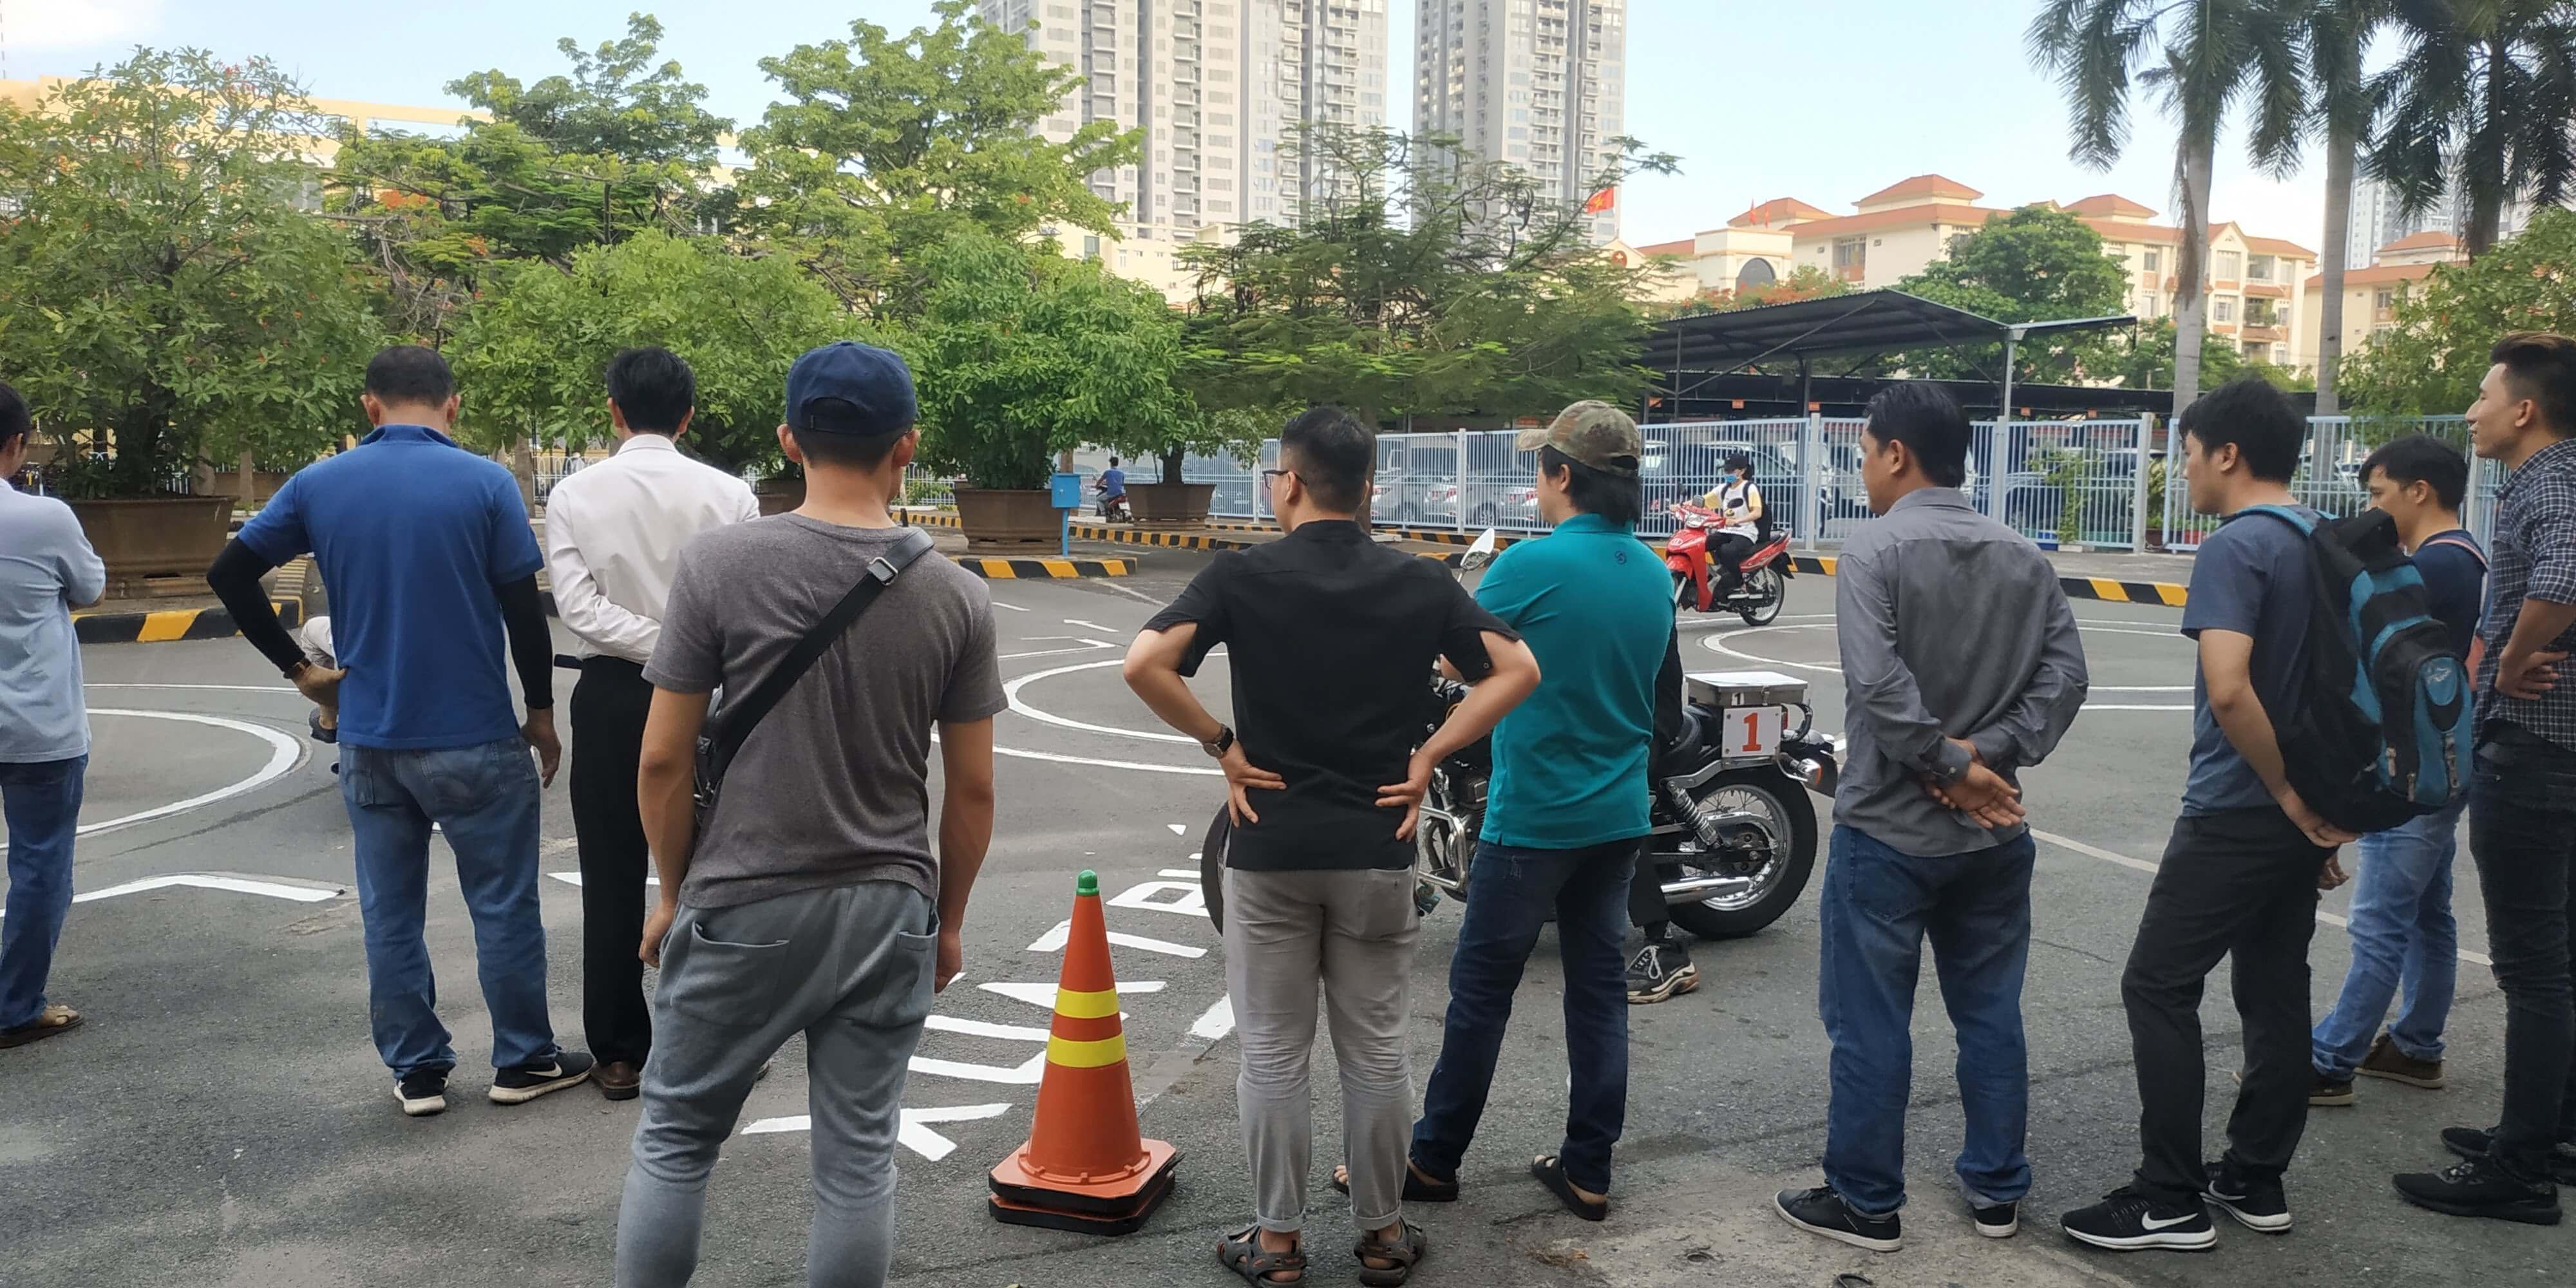 Trung tâm tổ chức thi bằng lái xe mô tô A2 tại Quận Gò Vấp